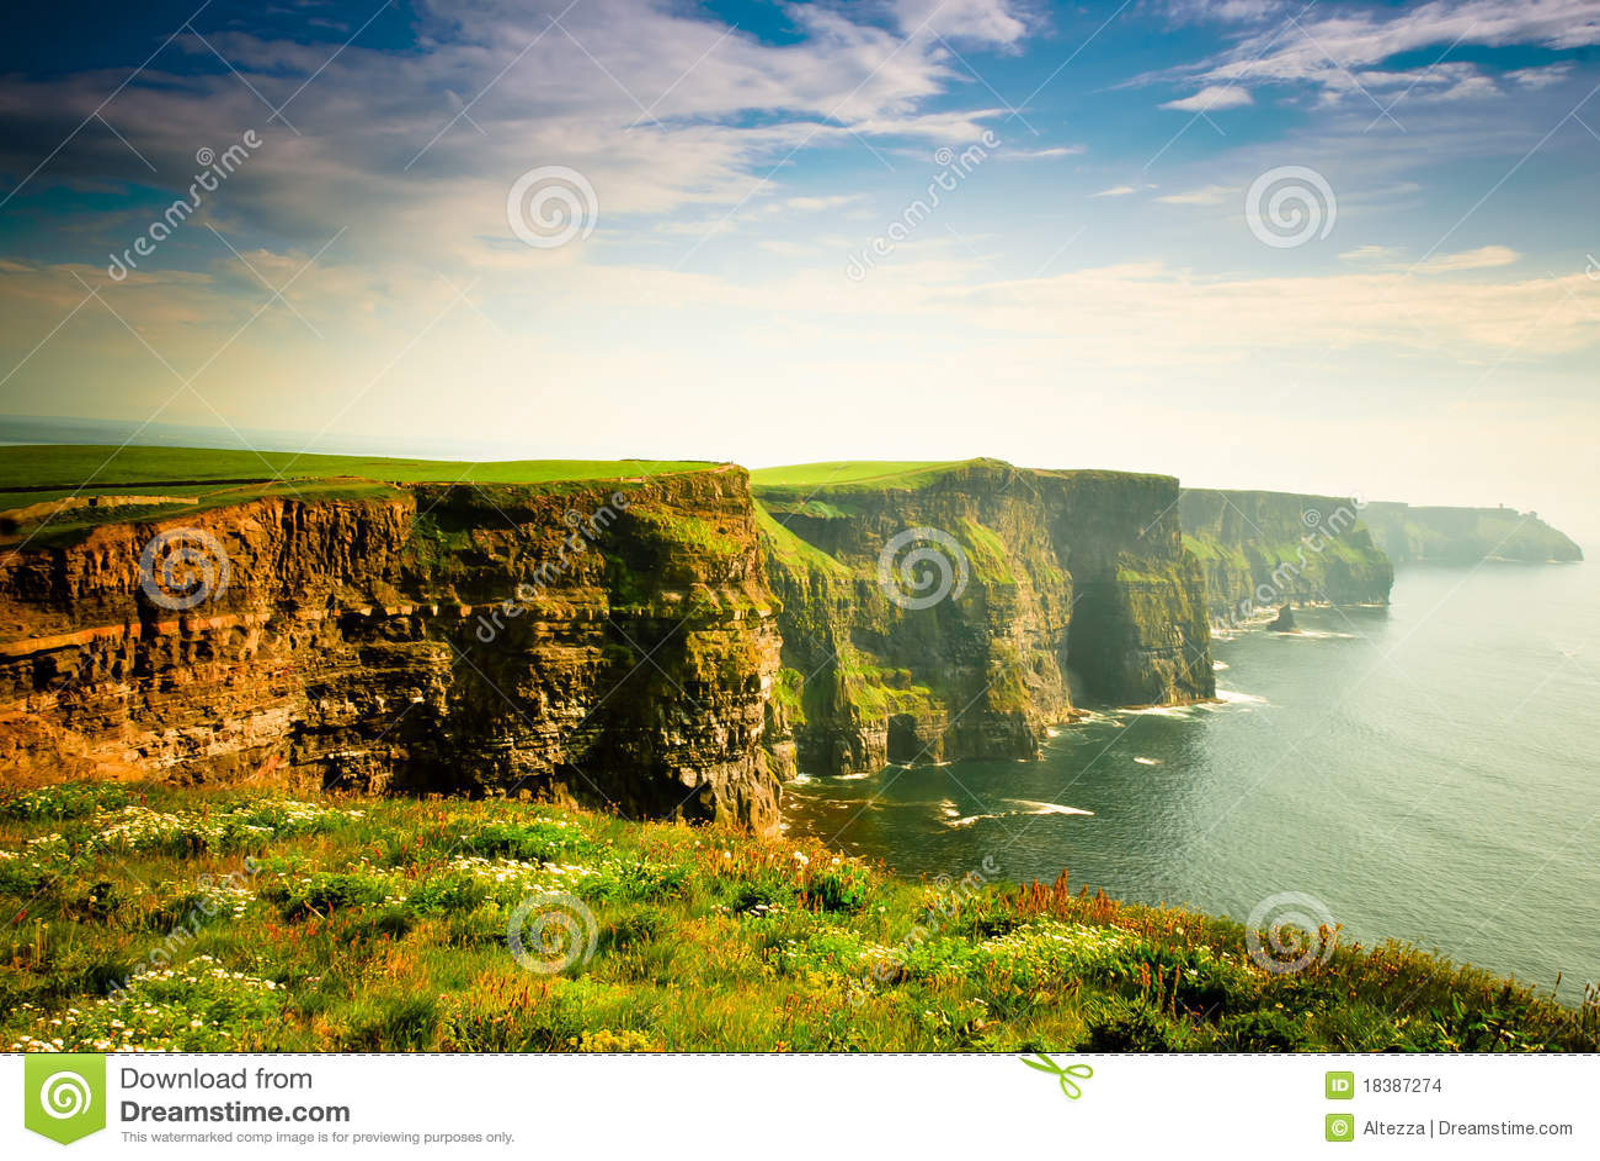 För ireland för klippor molnig sky moher under